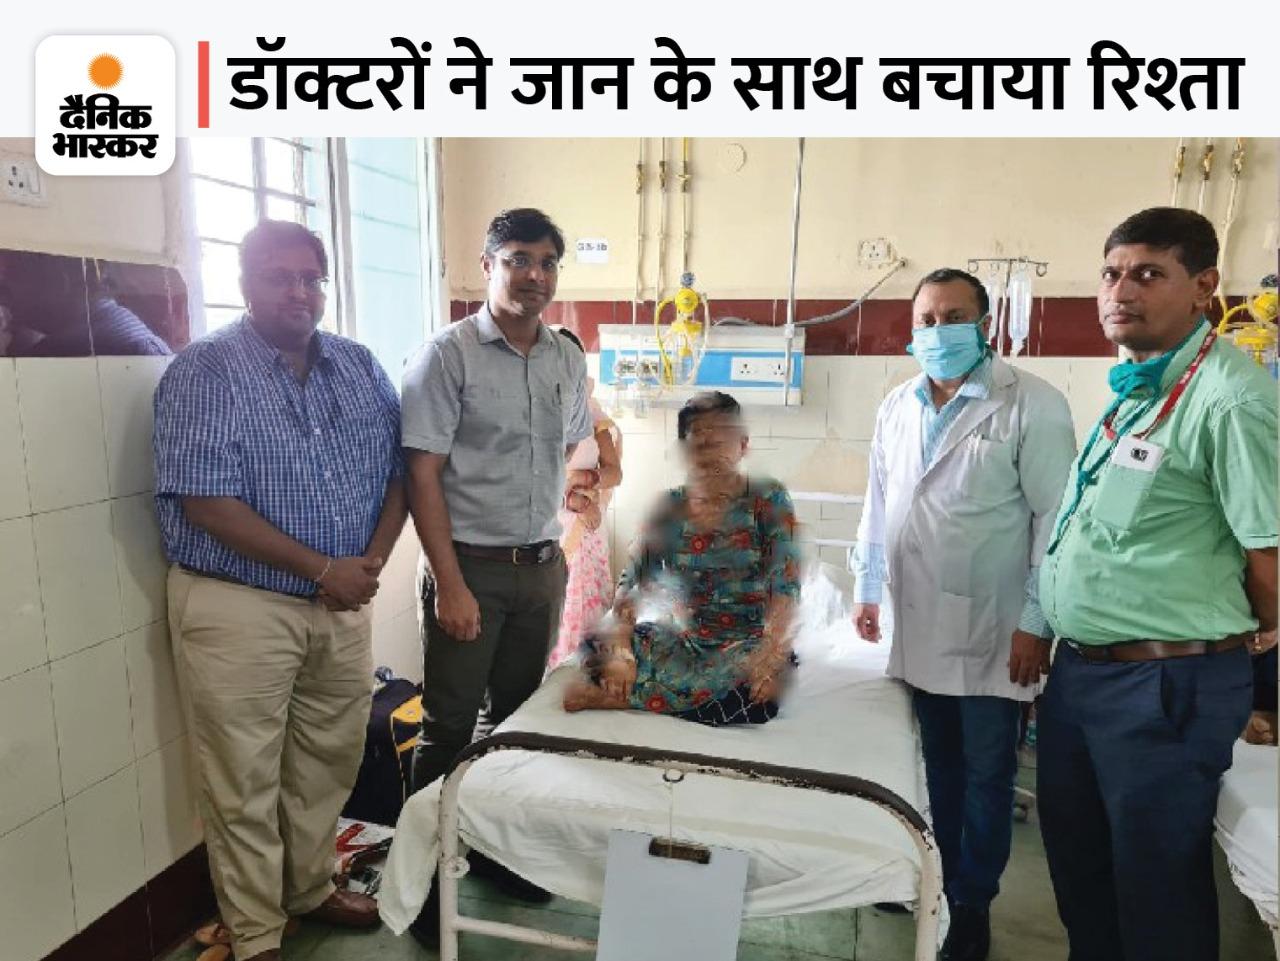 IGIMS पहुंची युवती बोली- पेट के ऑपरेशन से ससुराल वालों को हो जाएगा शक, टूट जाएगा रिश्ता; डॉक्टरों ने बिना चीरा लगाए किया ऑपरेशन|पटना,Patna - Dainik Bhaskar